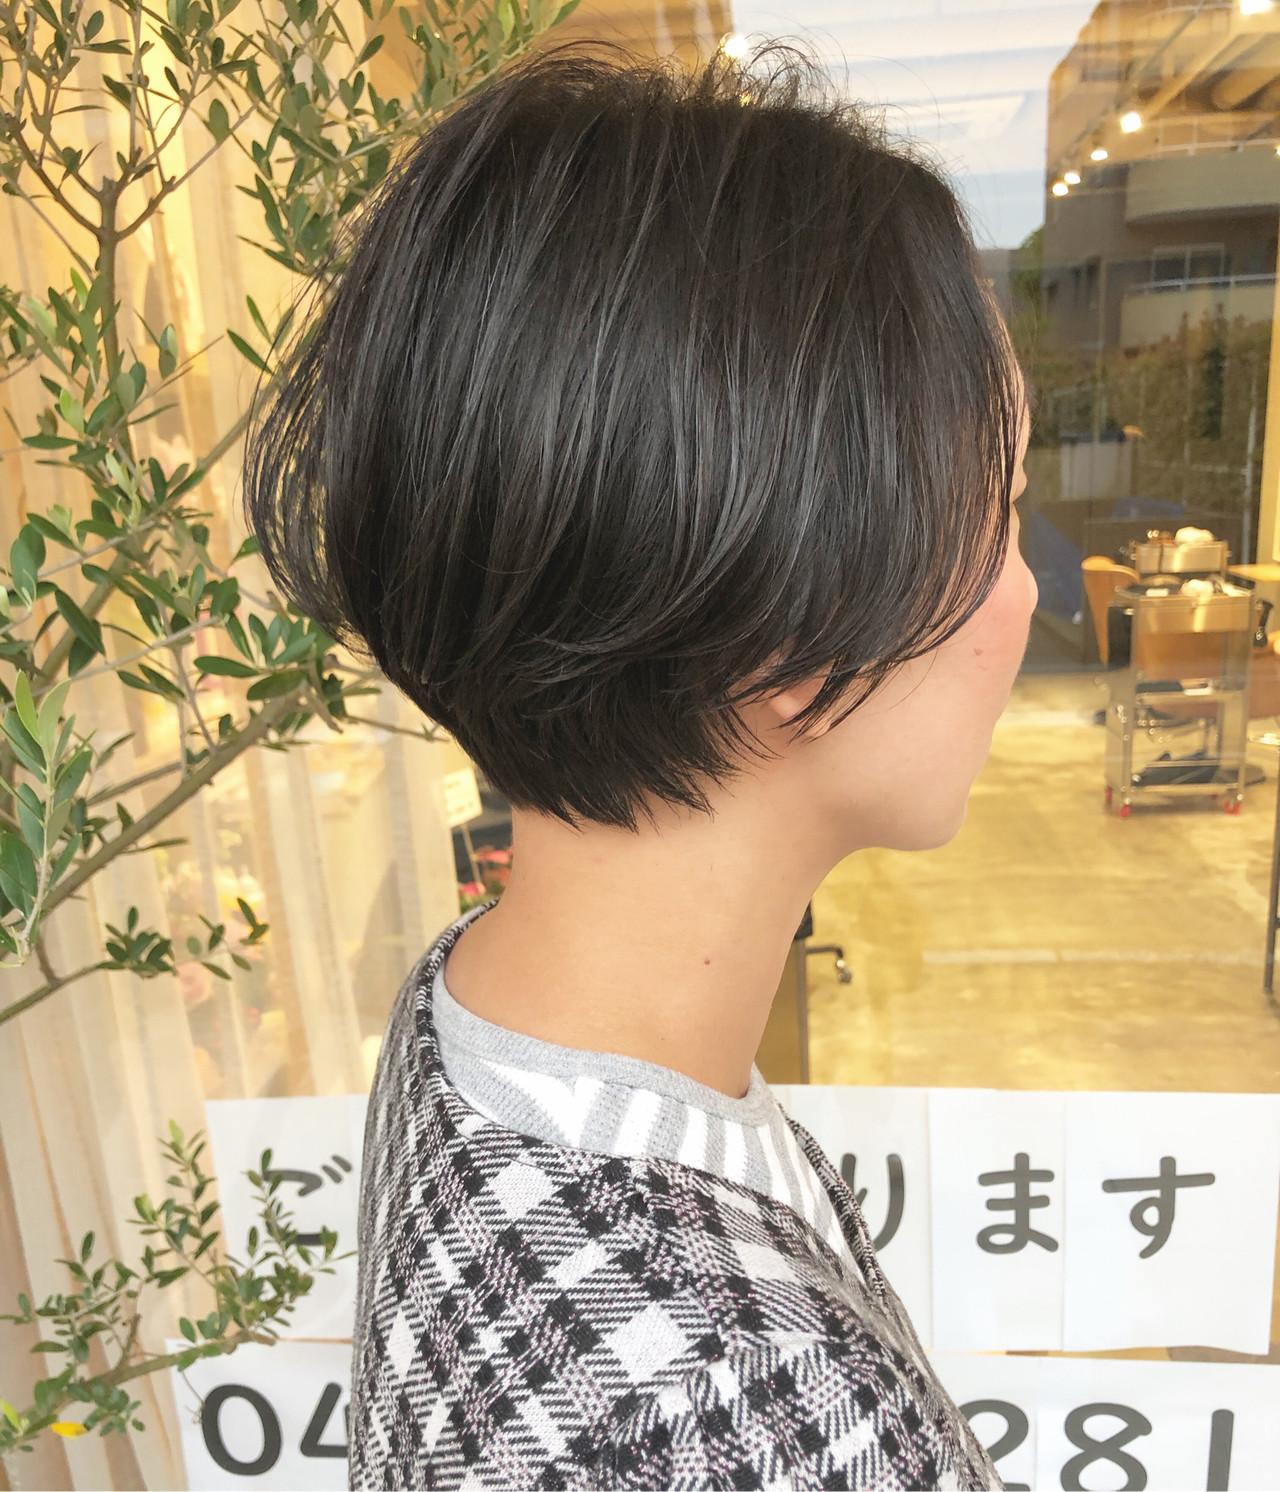 ショートボブ ショートヘア 小顔ショート マッシュショート ヘアスタイルや髪型の写真・画像 | 古関 拓弥 / TREAT HAIR DESIGN